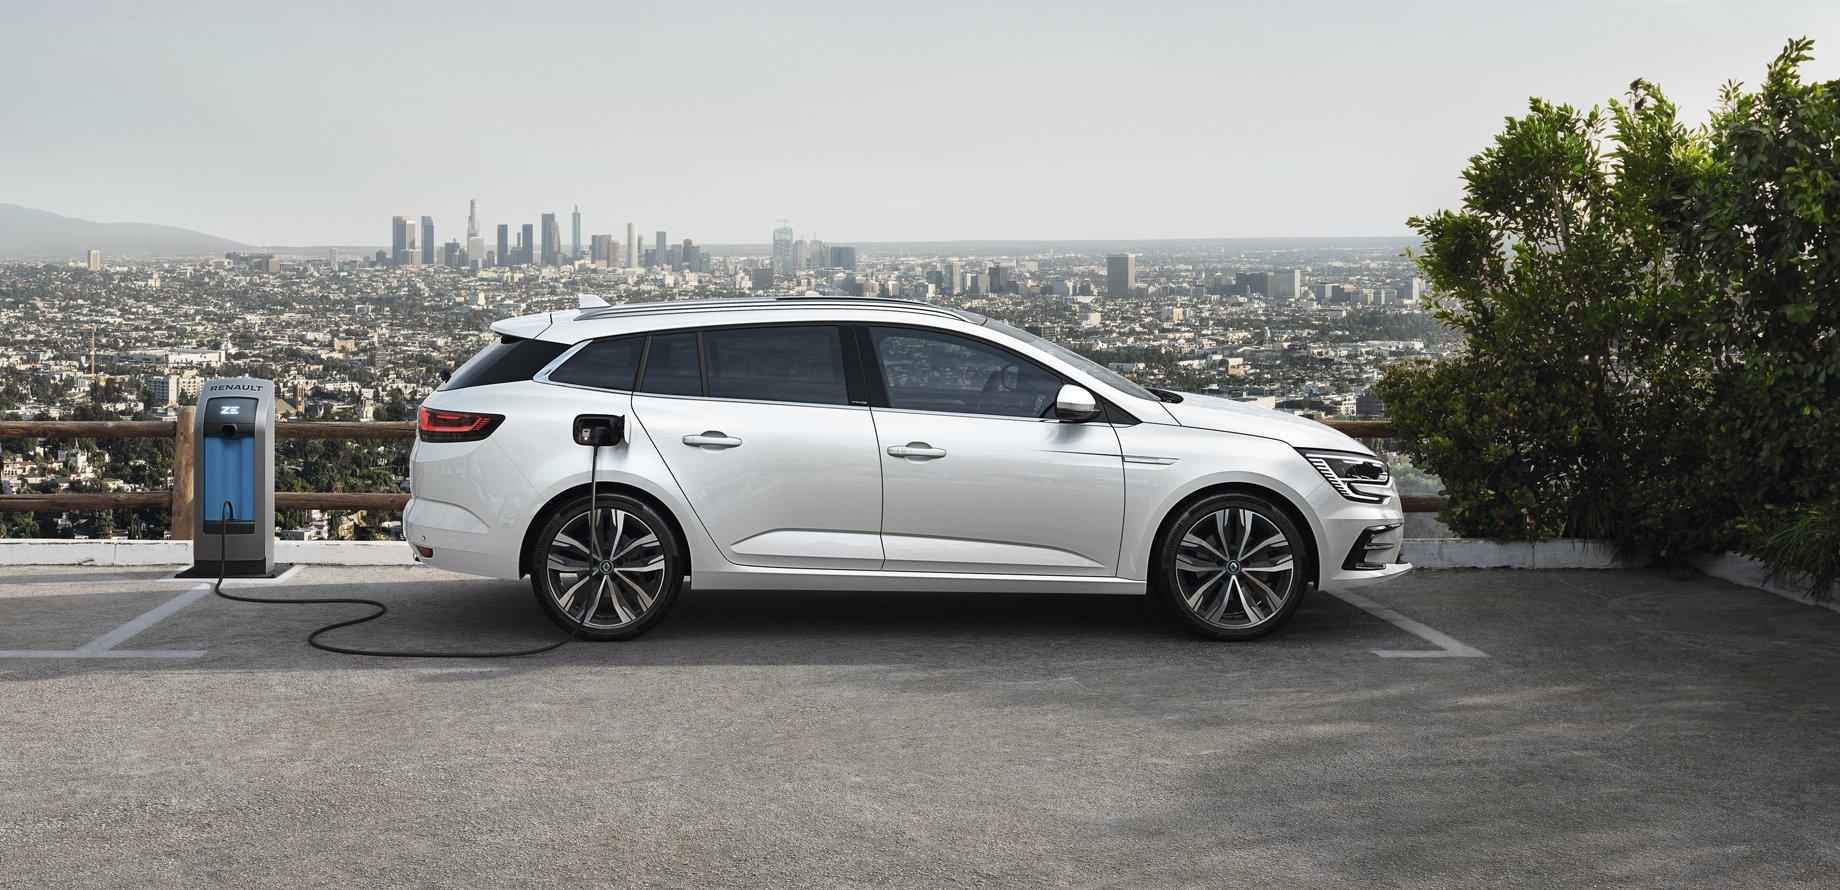 Renault привезет на мотор-шоу в Женеву таинственный электрокар Renault Morphoz